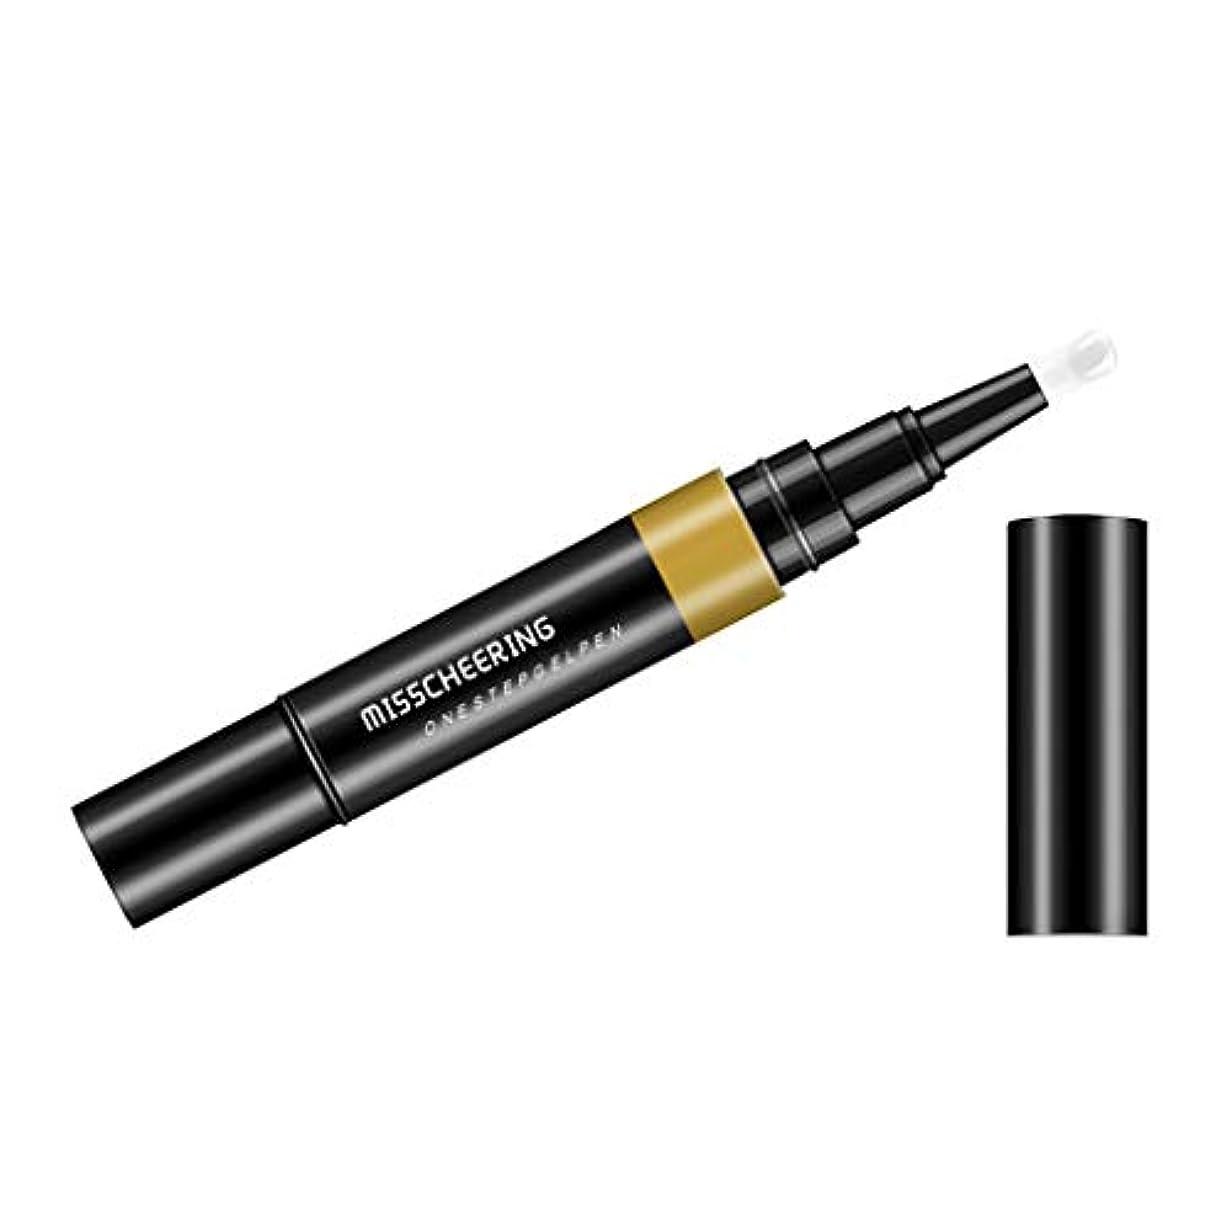 通信するどこにでもへこみToygogo ジェル マニキュアペン ワニスラッカー ネイルアートペン 3 イン 1 サロン 初心者 セルフネイル DIY - ホワイト